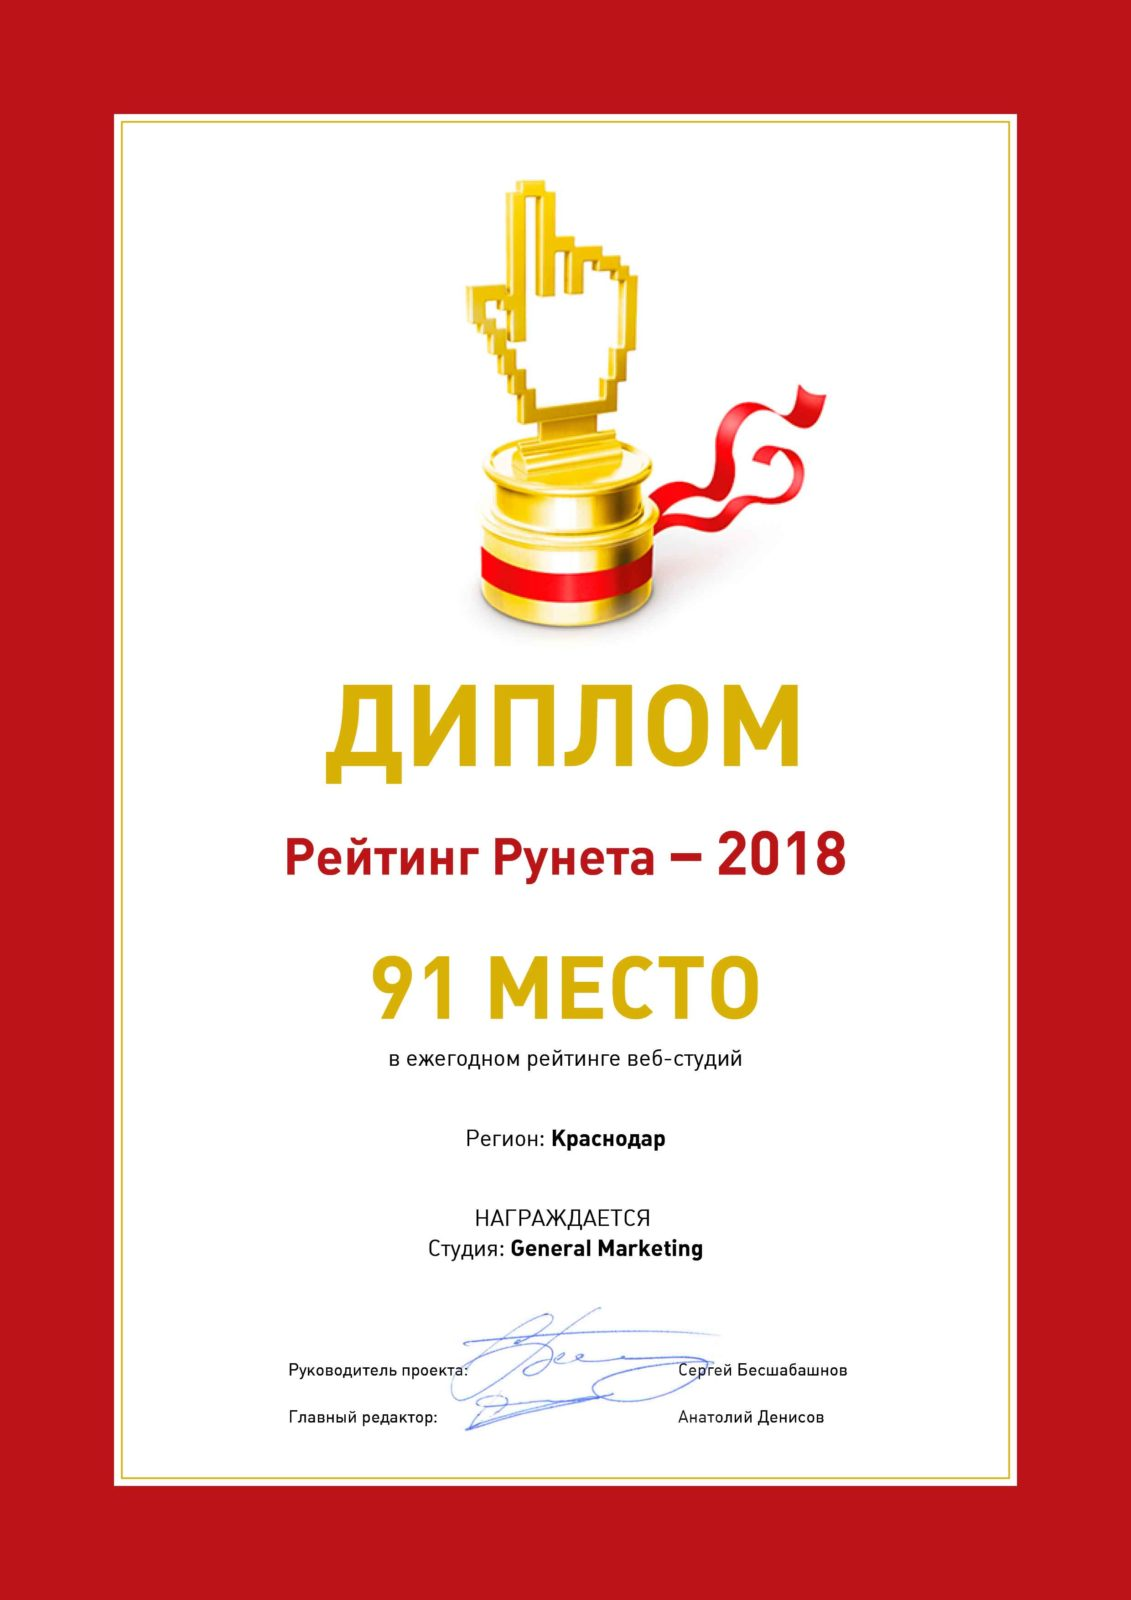 Диплом 91 место в рейтинге веб-студий Краснодара 2018